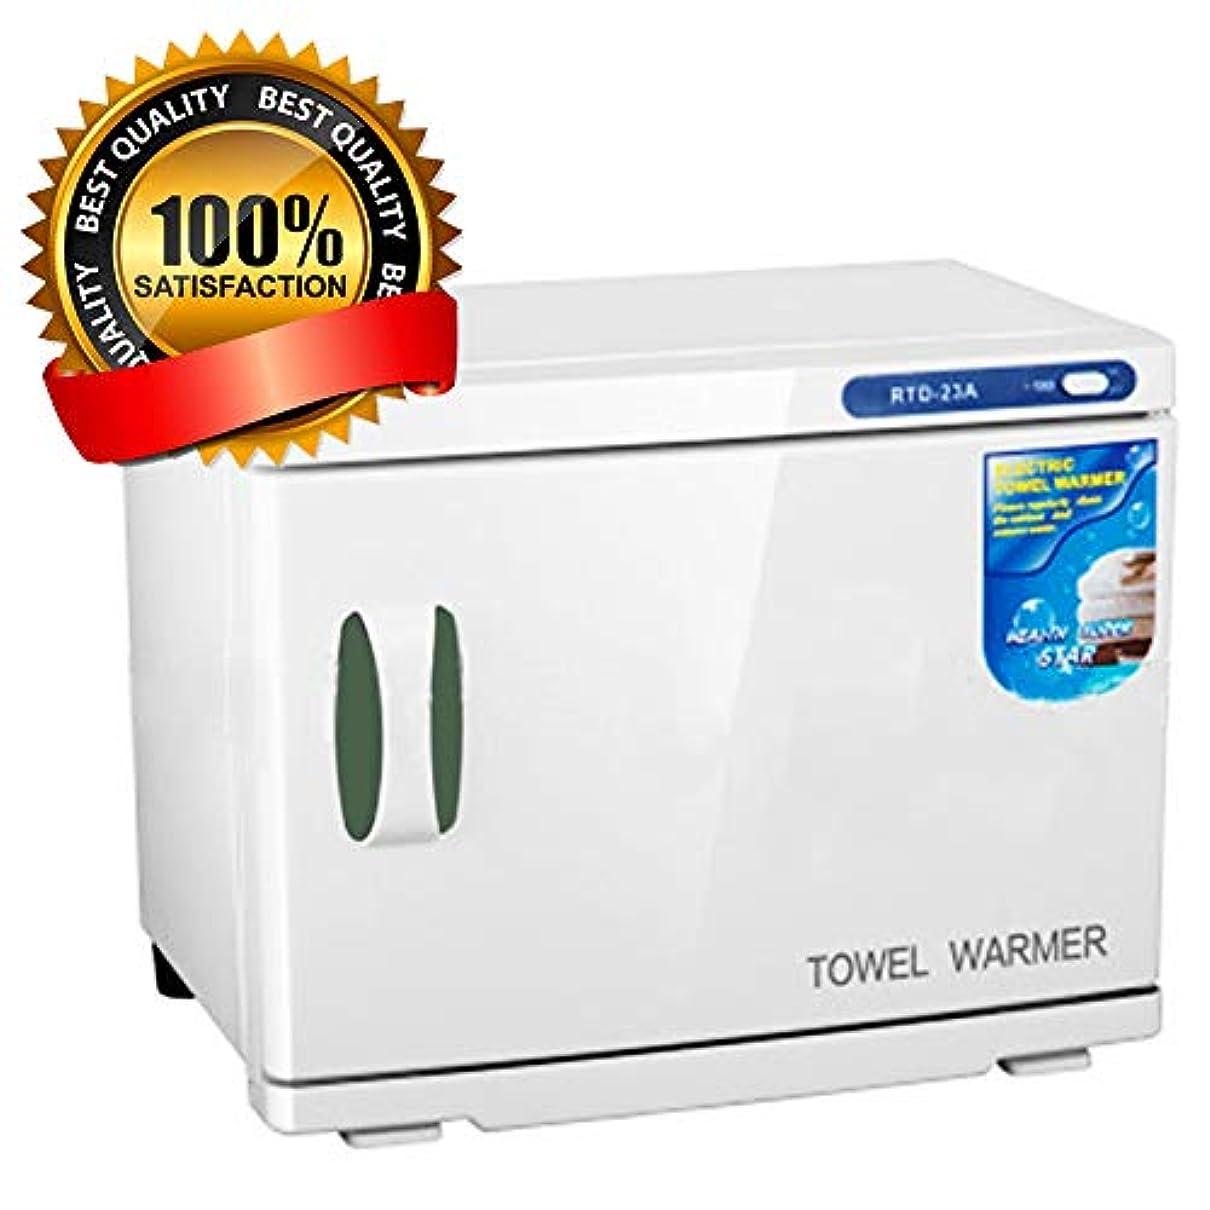 チロパール件名ホットタオルウォーマー紫外線殺菌キャビネットプロ用機器マッサージ用美容院スパフェイシャル